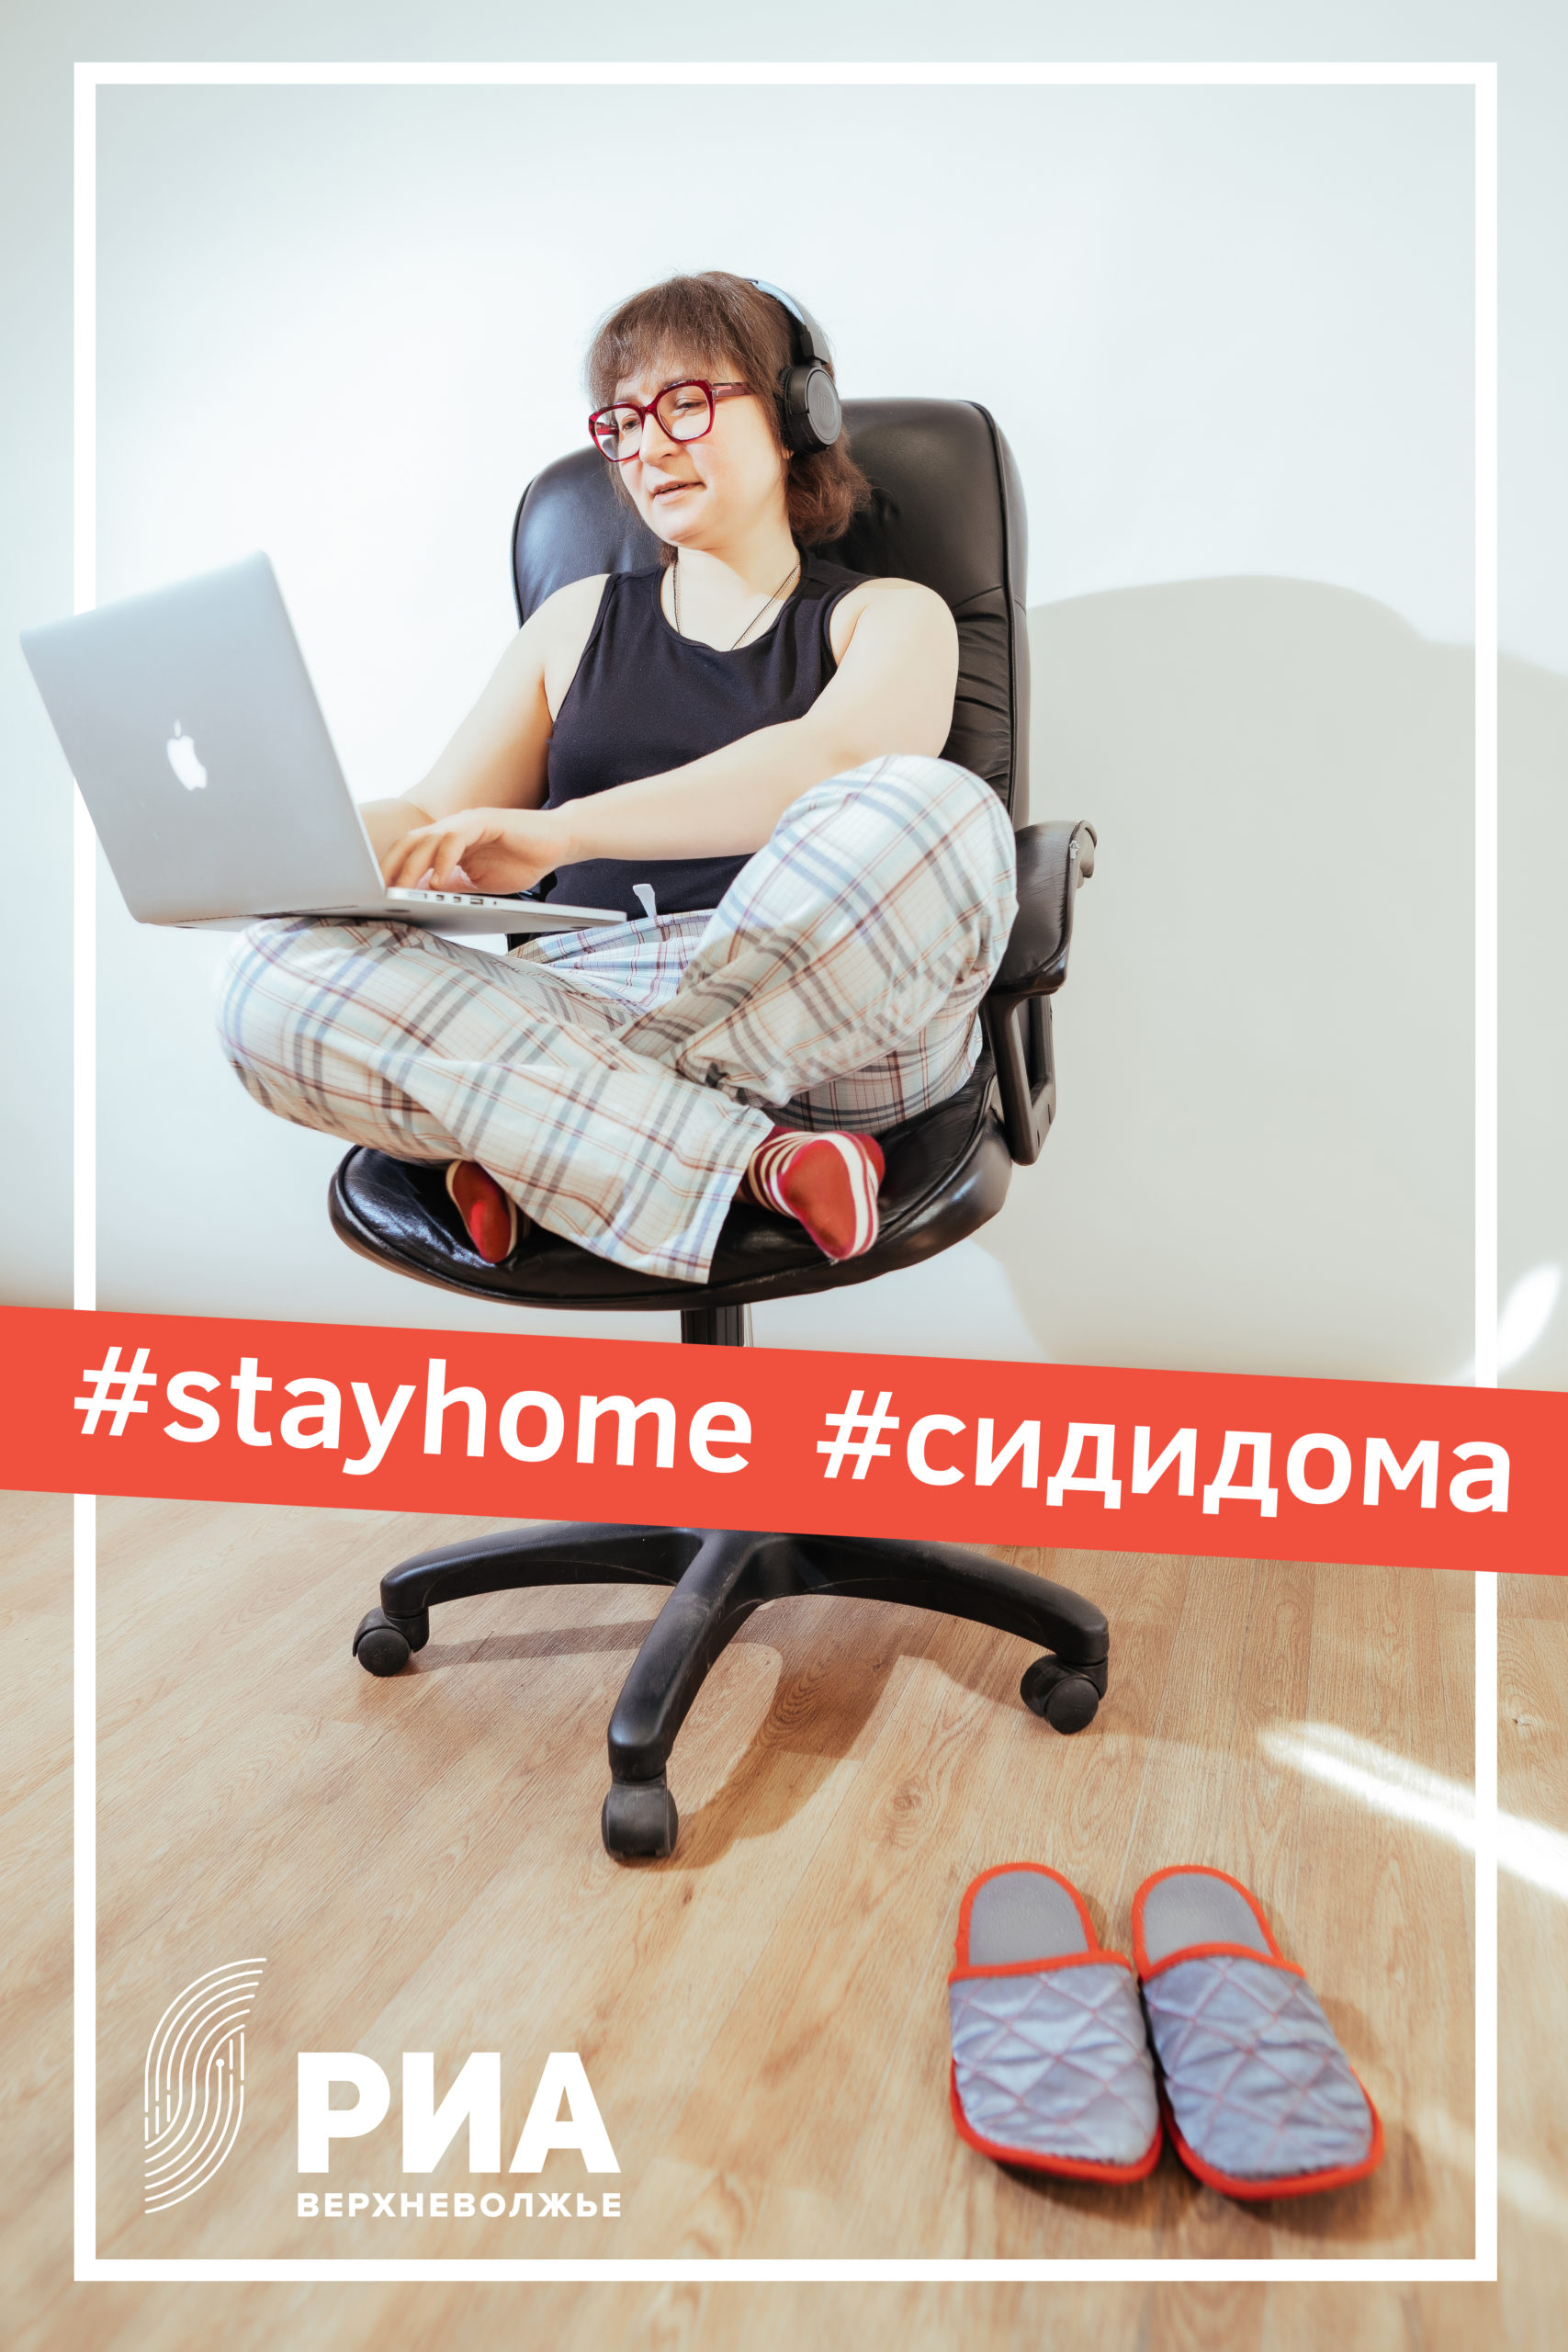 Главный редактор РИА «Верхневолжье» Юлия Овсянникова присоединилась к флешмобу #Оставайся дома